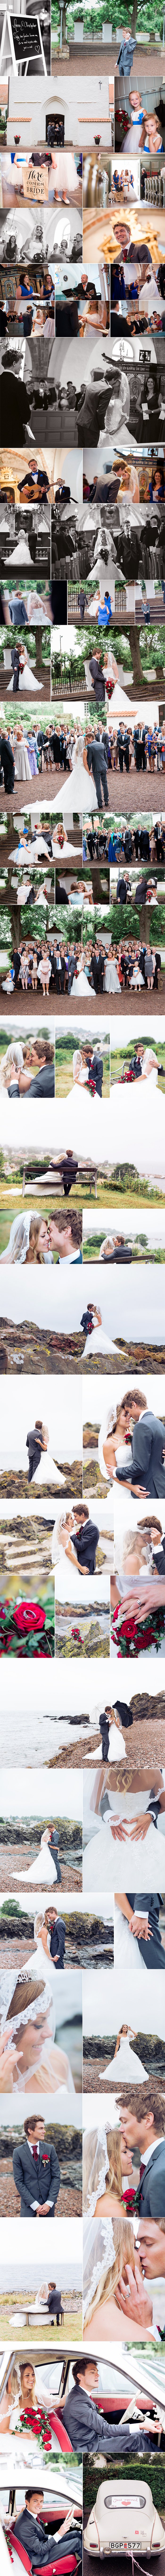 Anna och Christopher, 26:e juli 2015, Brunnby kyrka. Arild. Bröllopsfotograf Sanna Dolck.